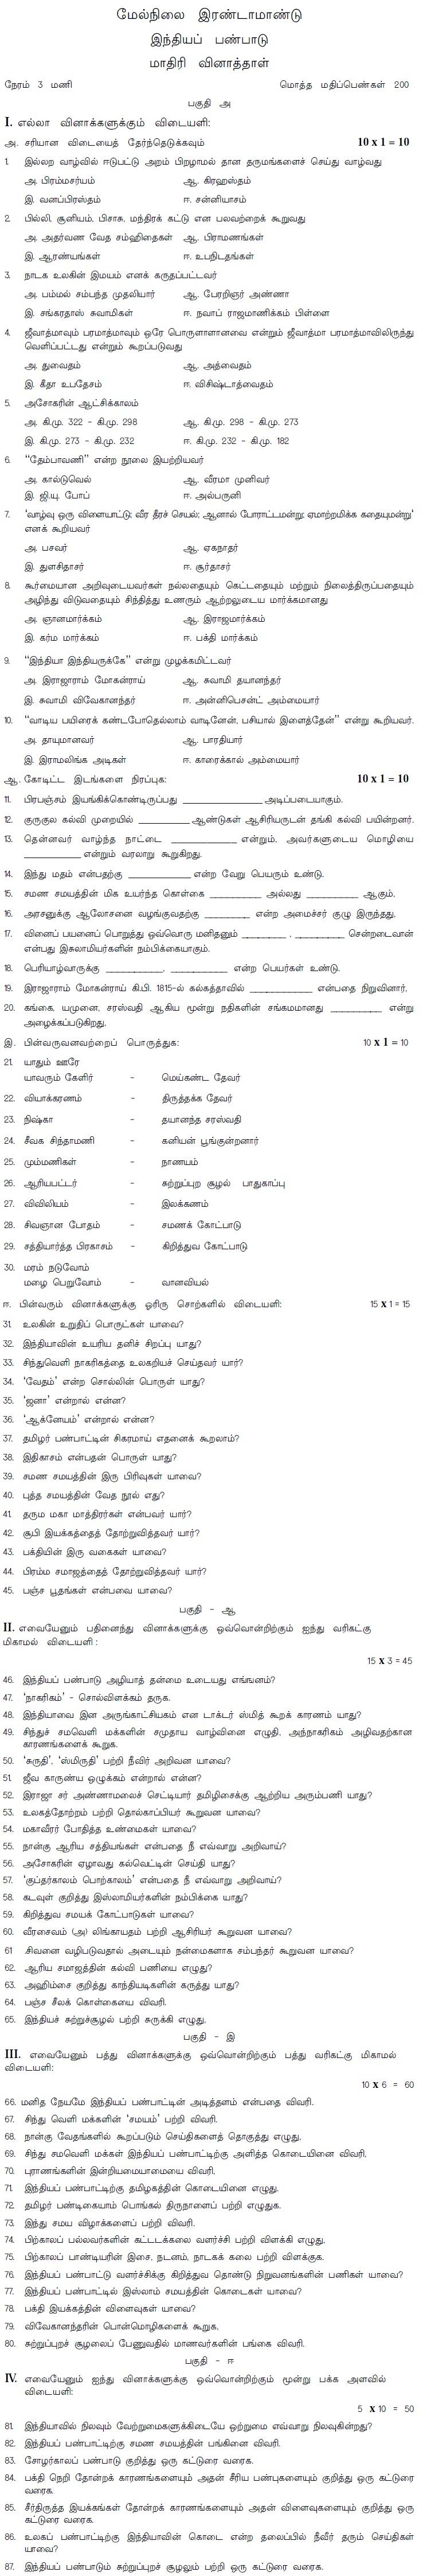 Tamil Nadu State Board Class 12 Model Question Paper - Indian Culture